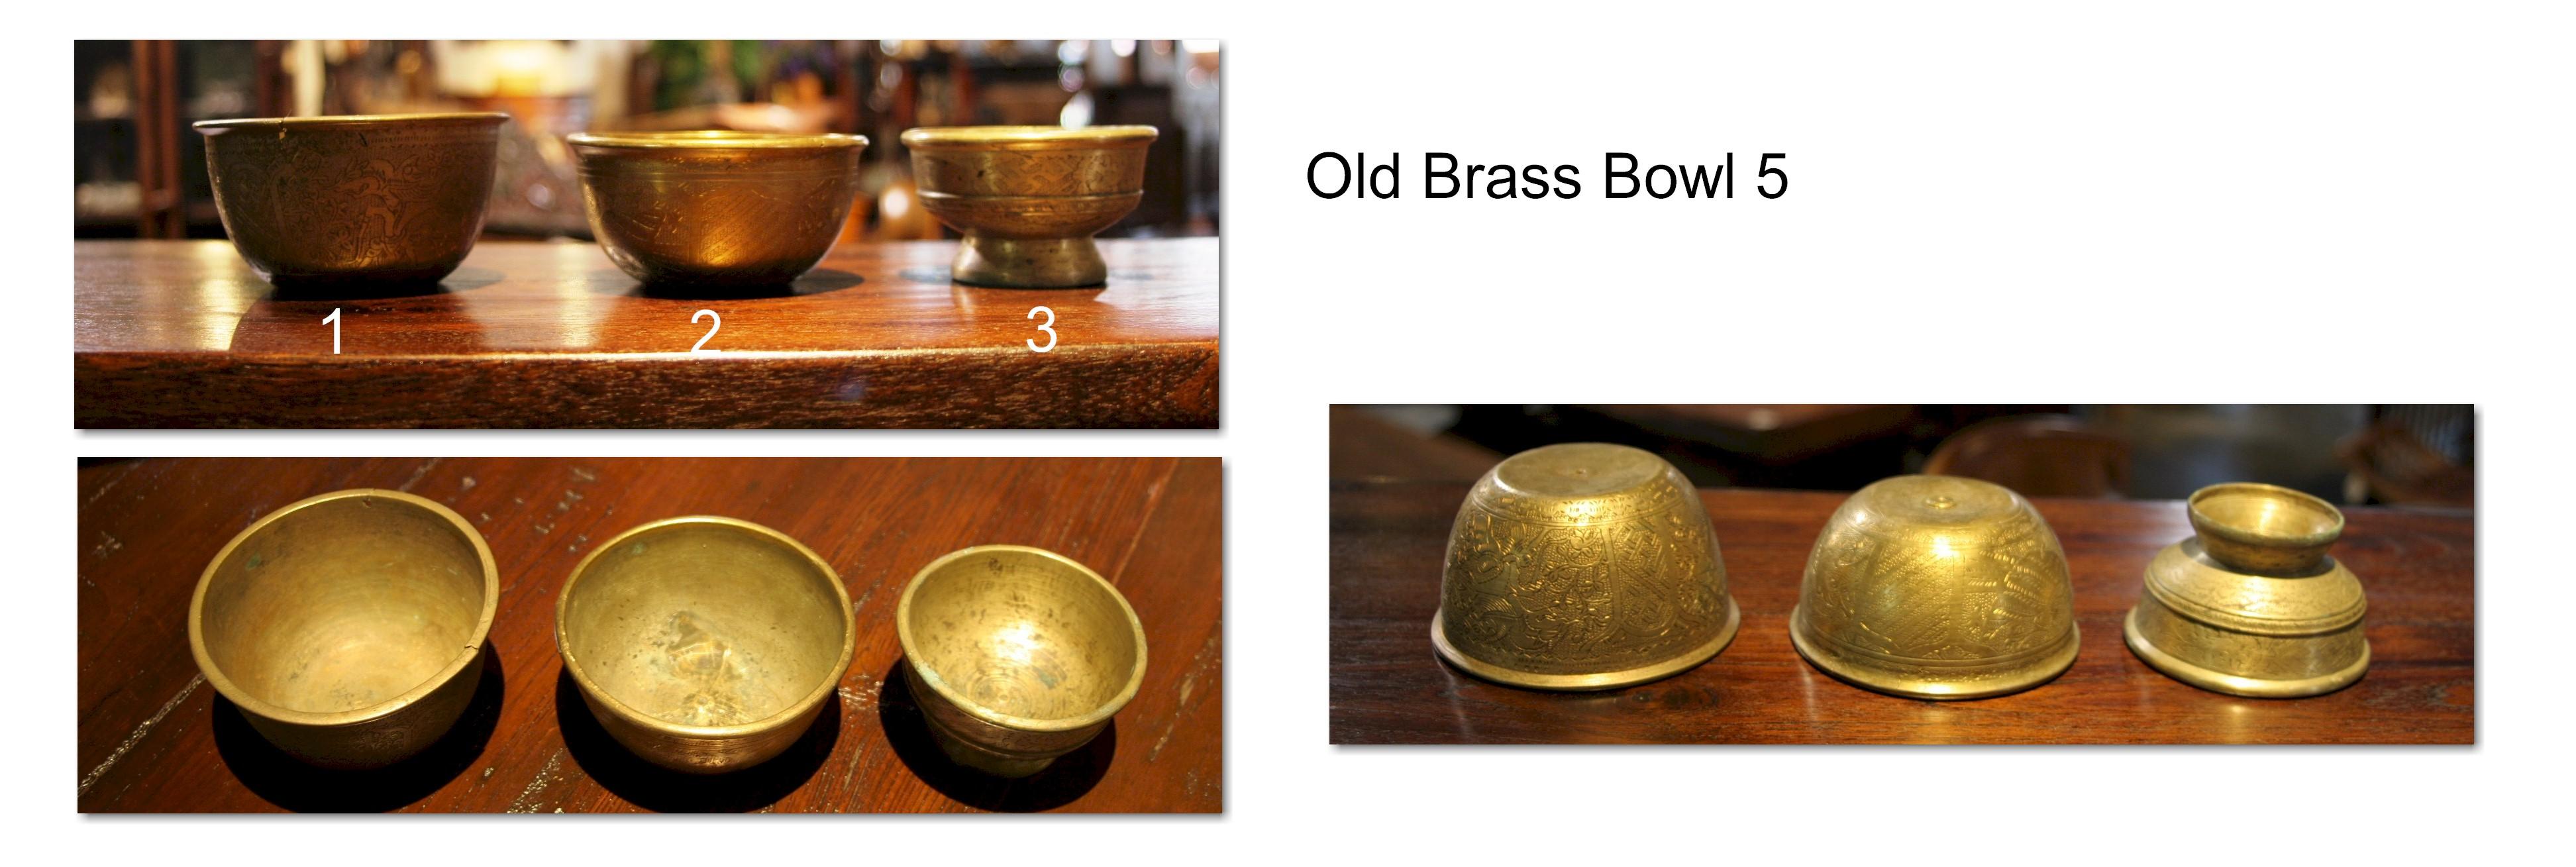 Old Brass Bowl 5